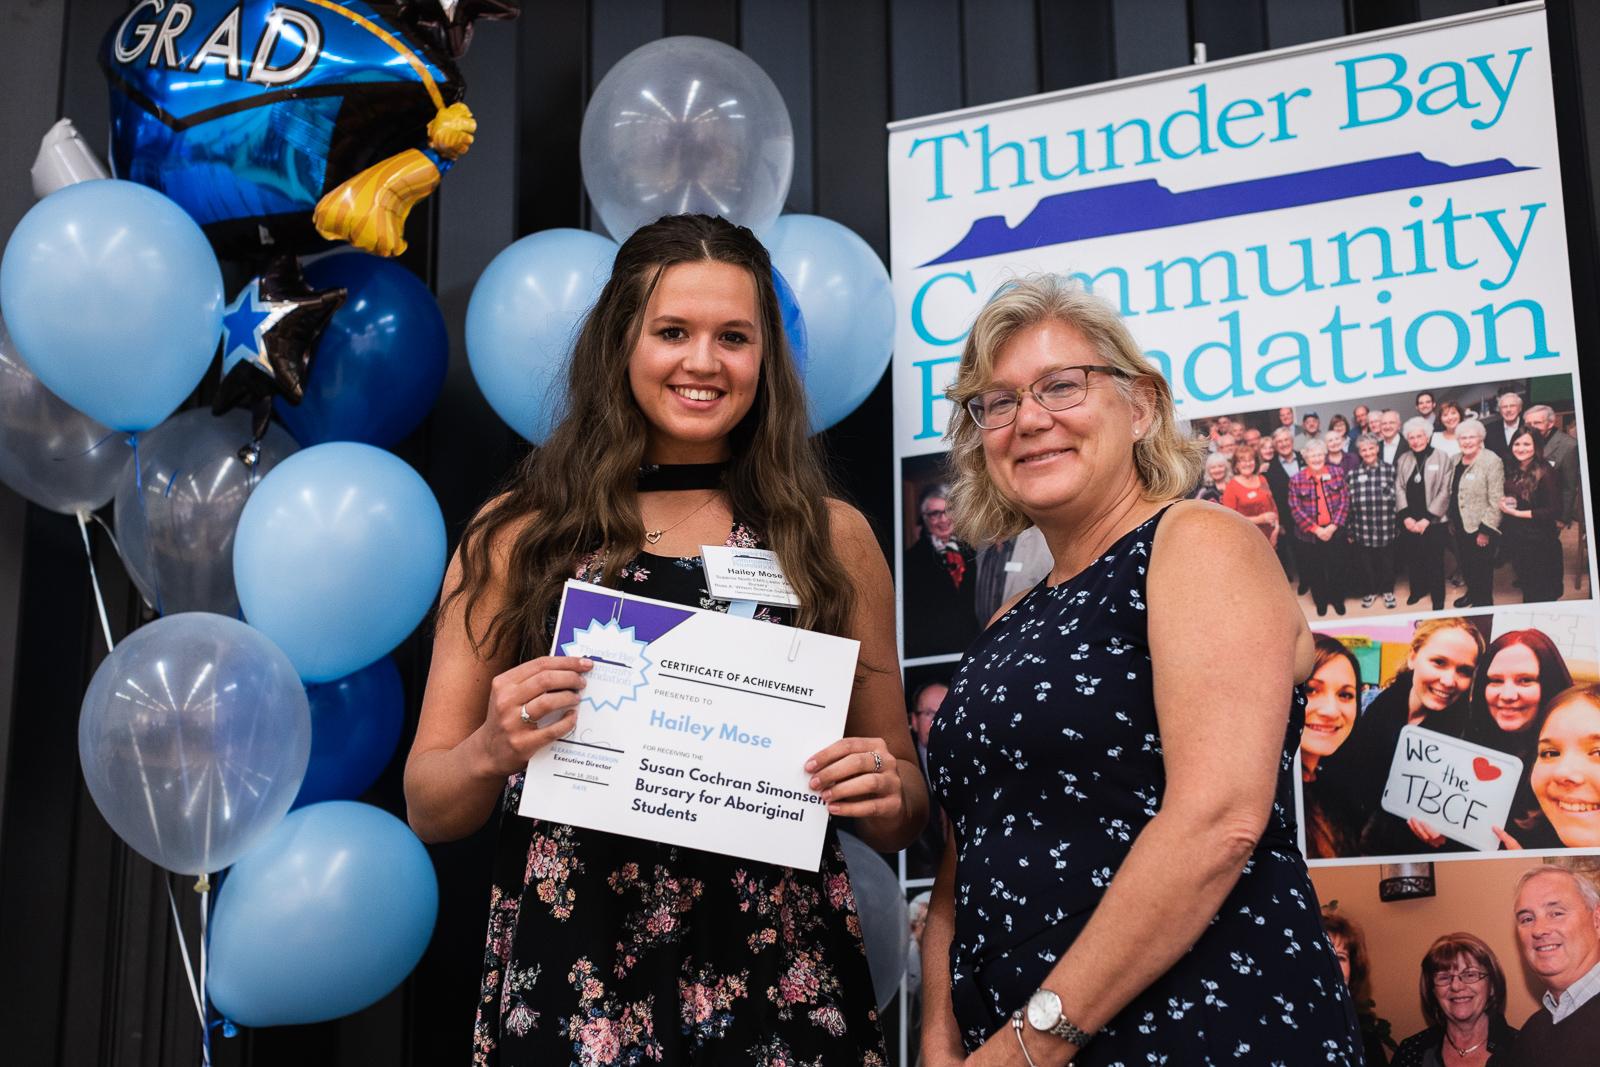 scholarship-bursary-award-reception-145.jpg